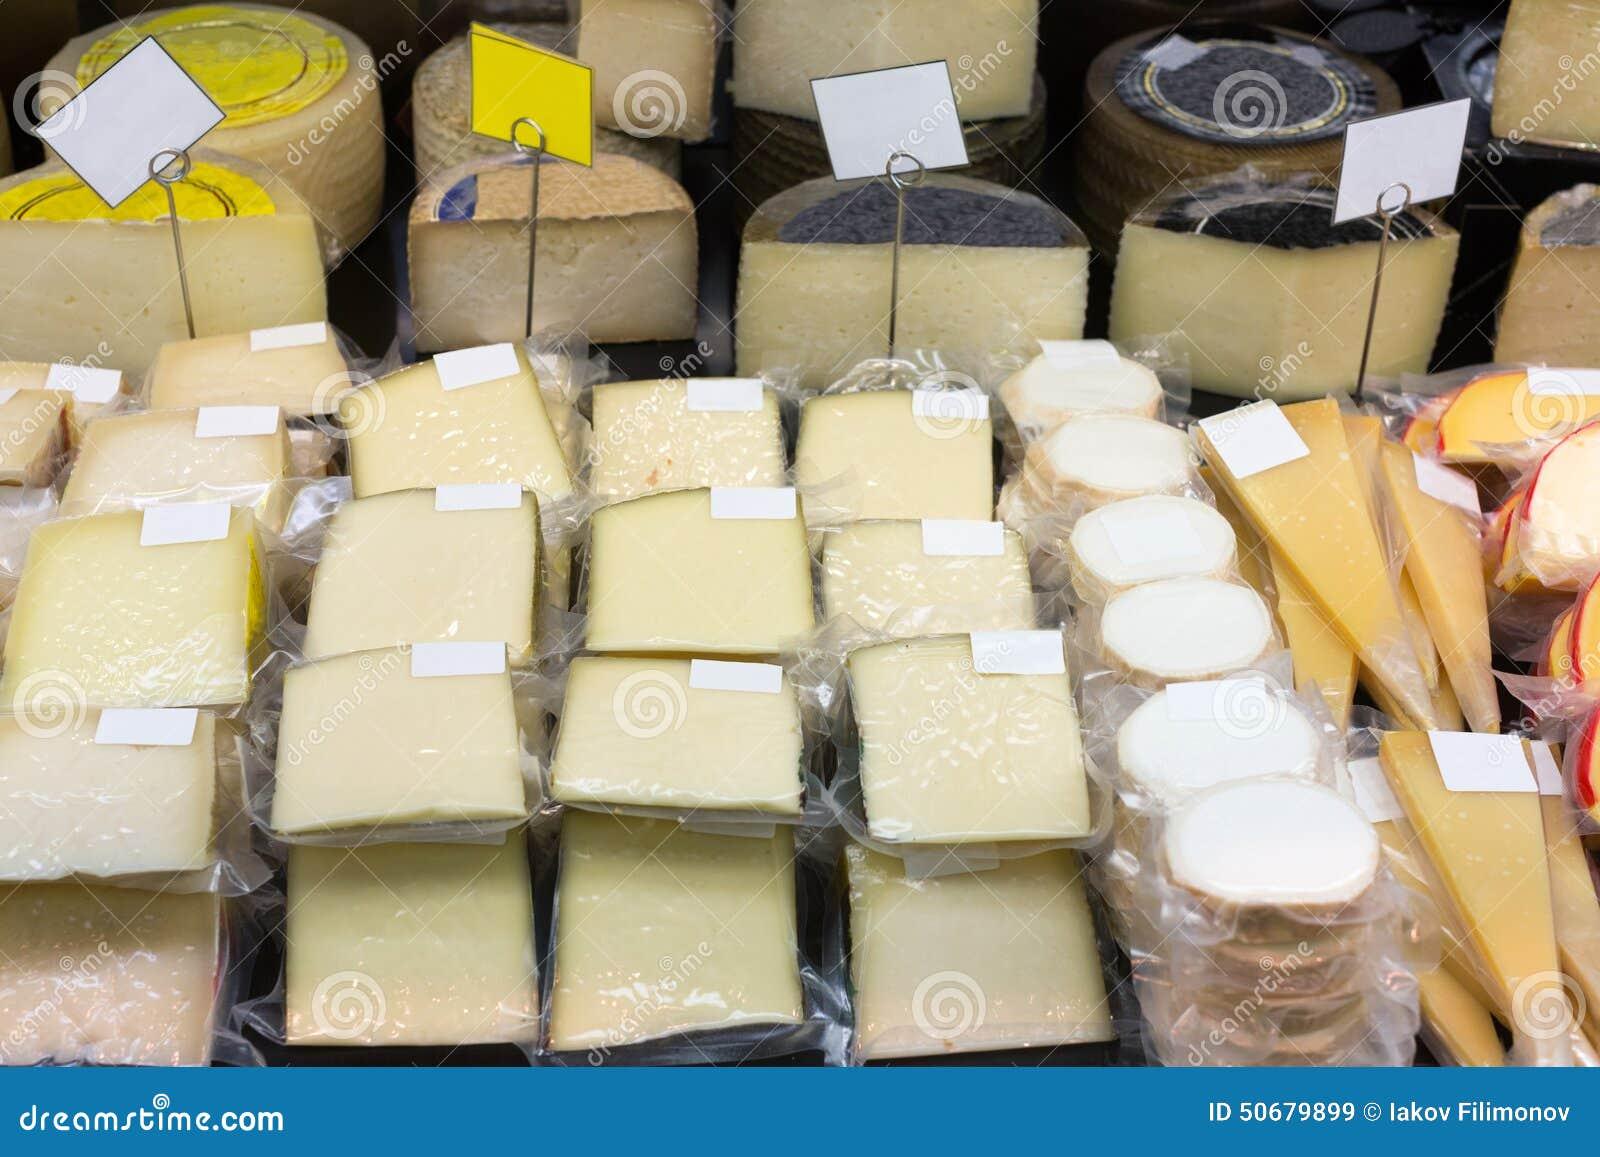 Download 新鲜的干酪在组装和散装在柜台的 库存图片. 图片 包括有 出售, 许多, 室内, 干酪, 零售, 美食, 销售额 - 50679899